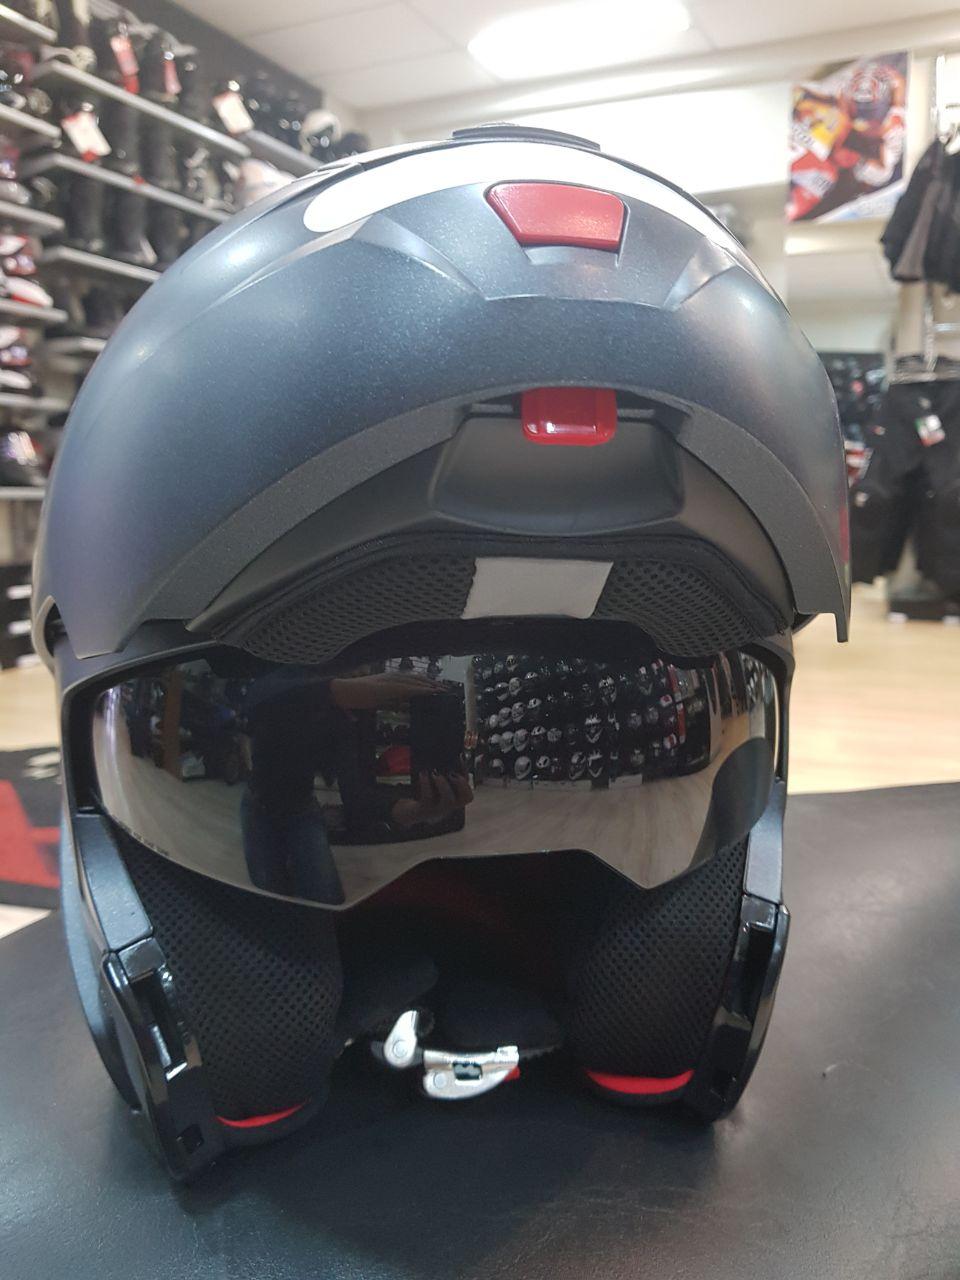 Capacete Nolan N91 Special Black Graphite - Escamoteável com Viseira interna escura